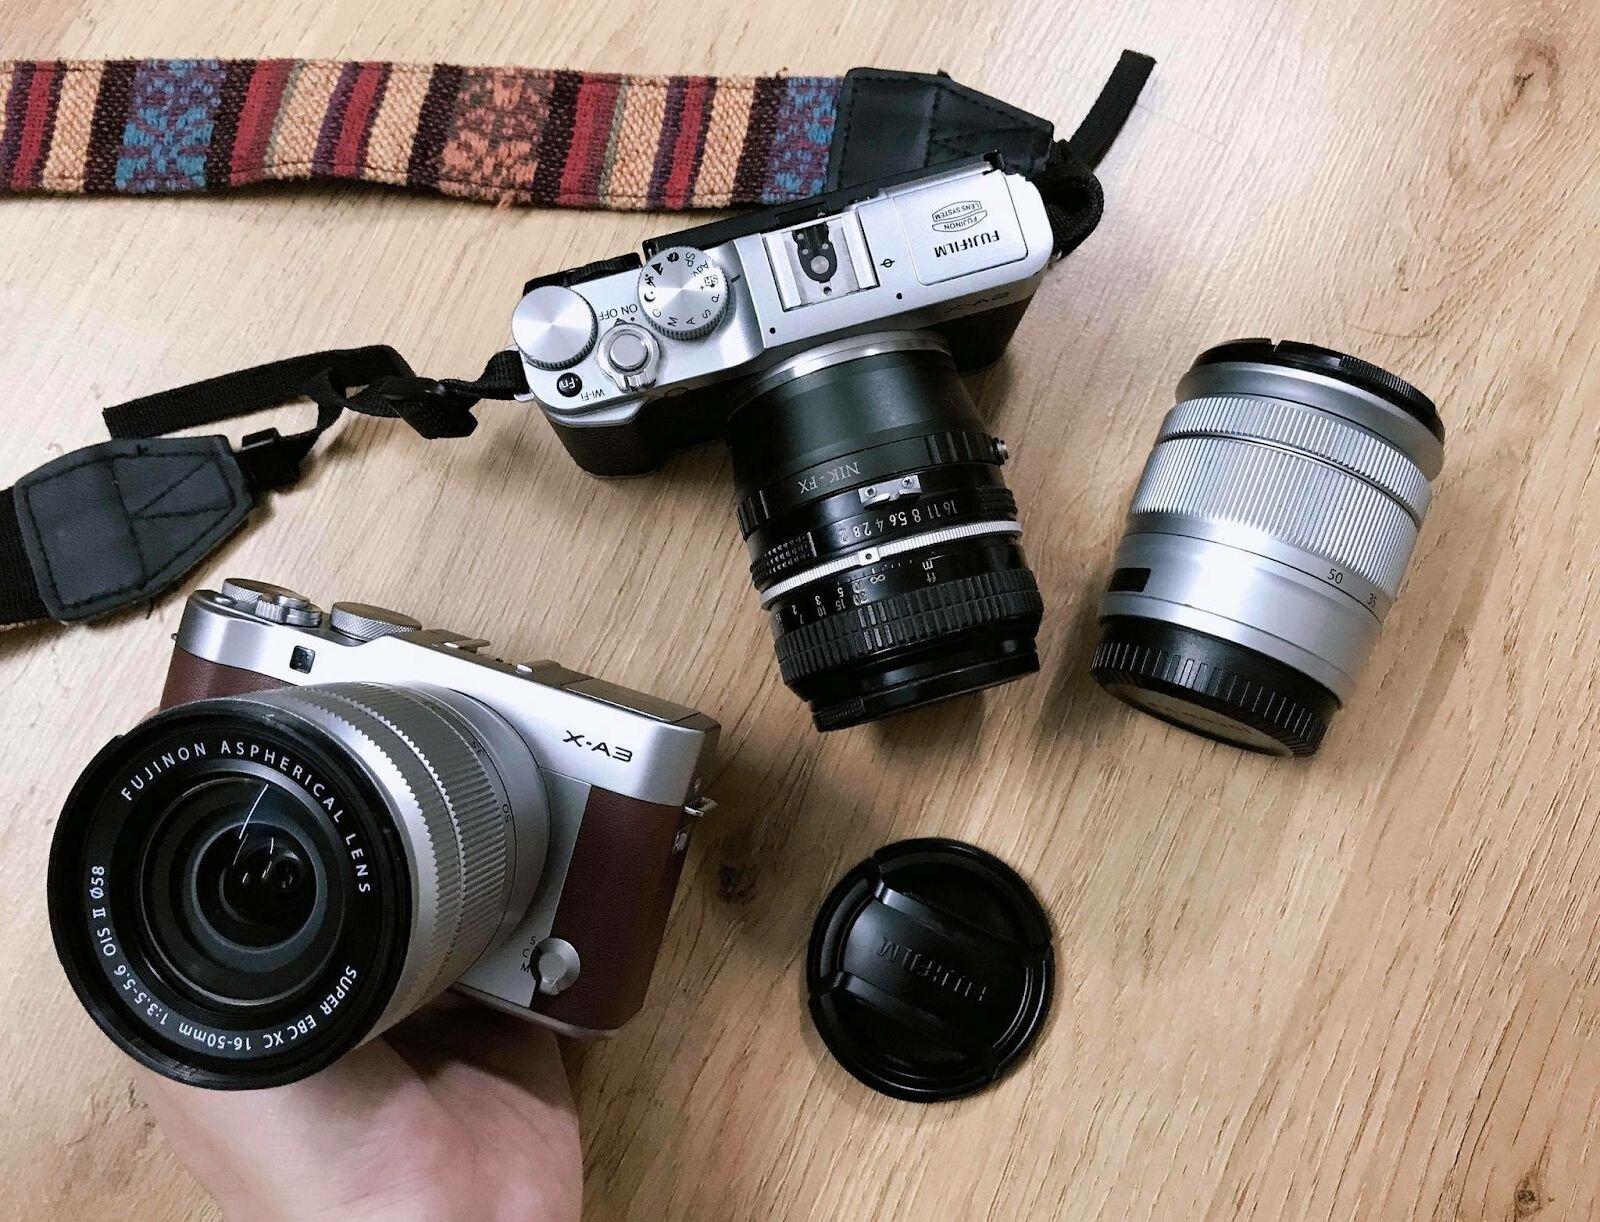 Bộ sưu tập các mẫu máy ảnh Fujifilm X-A3